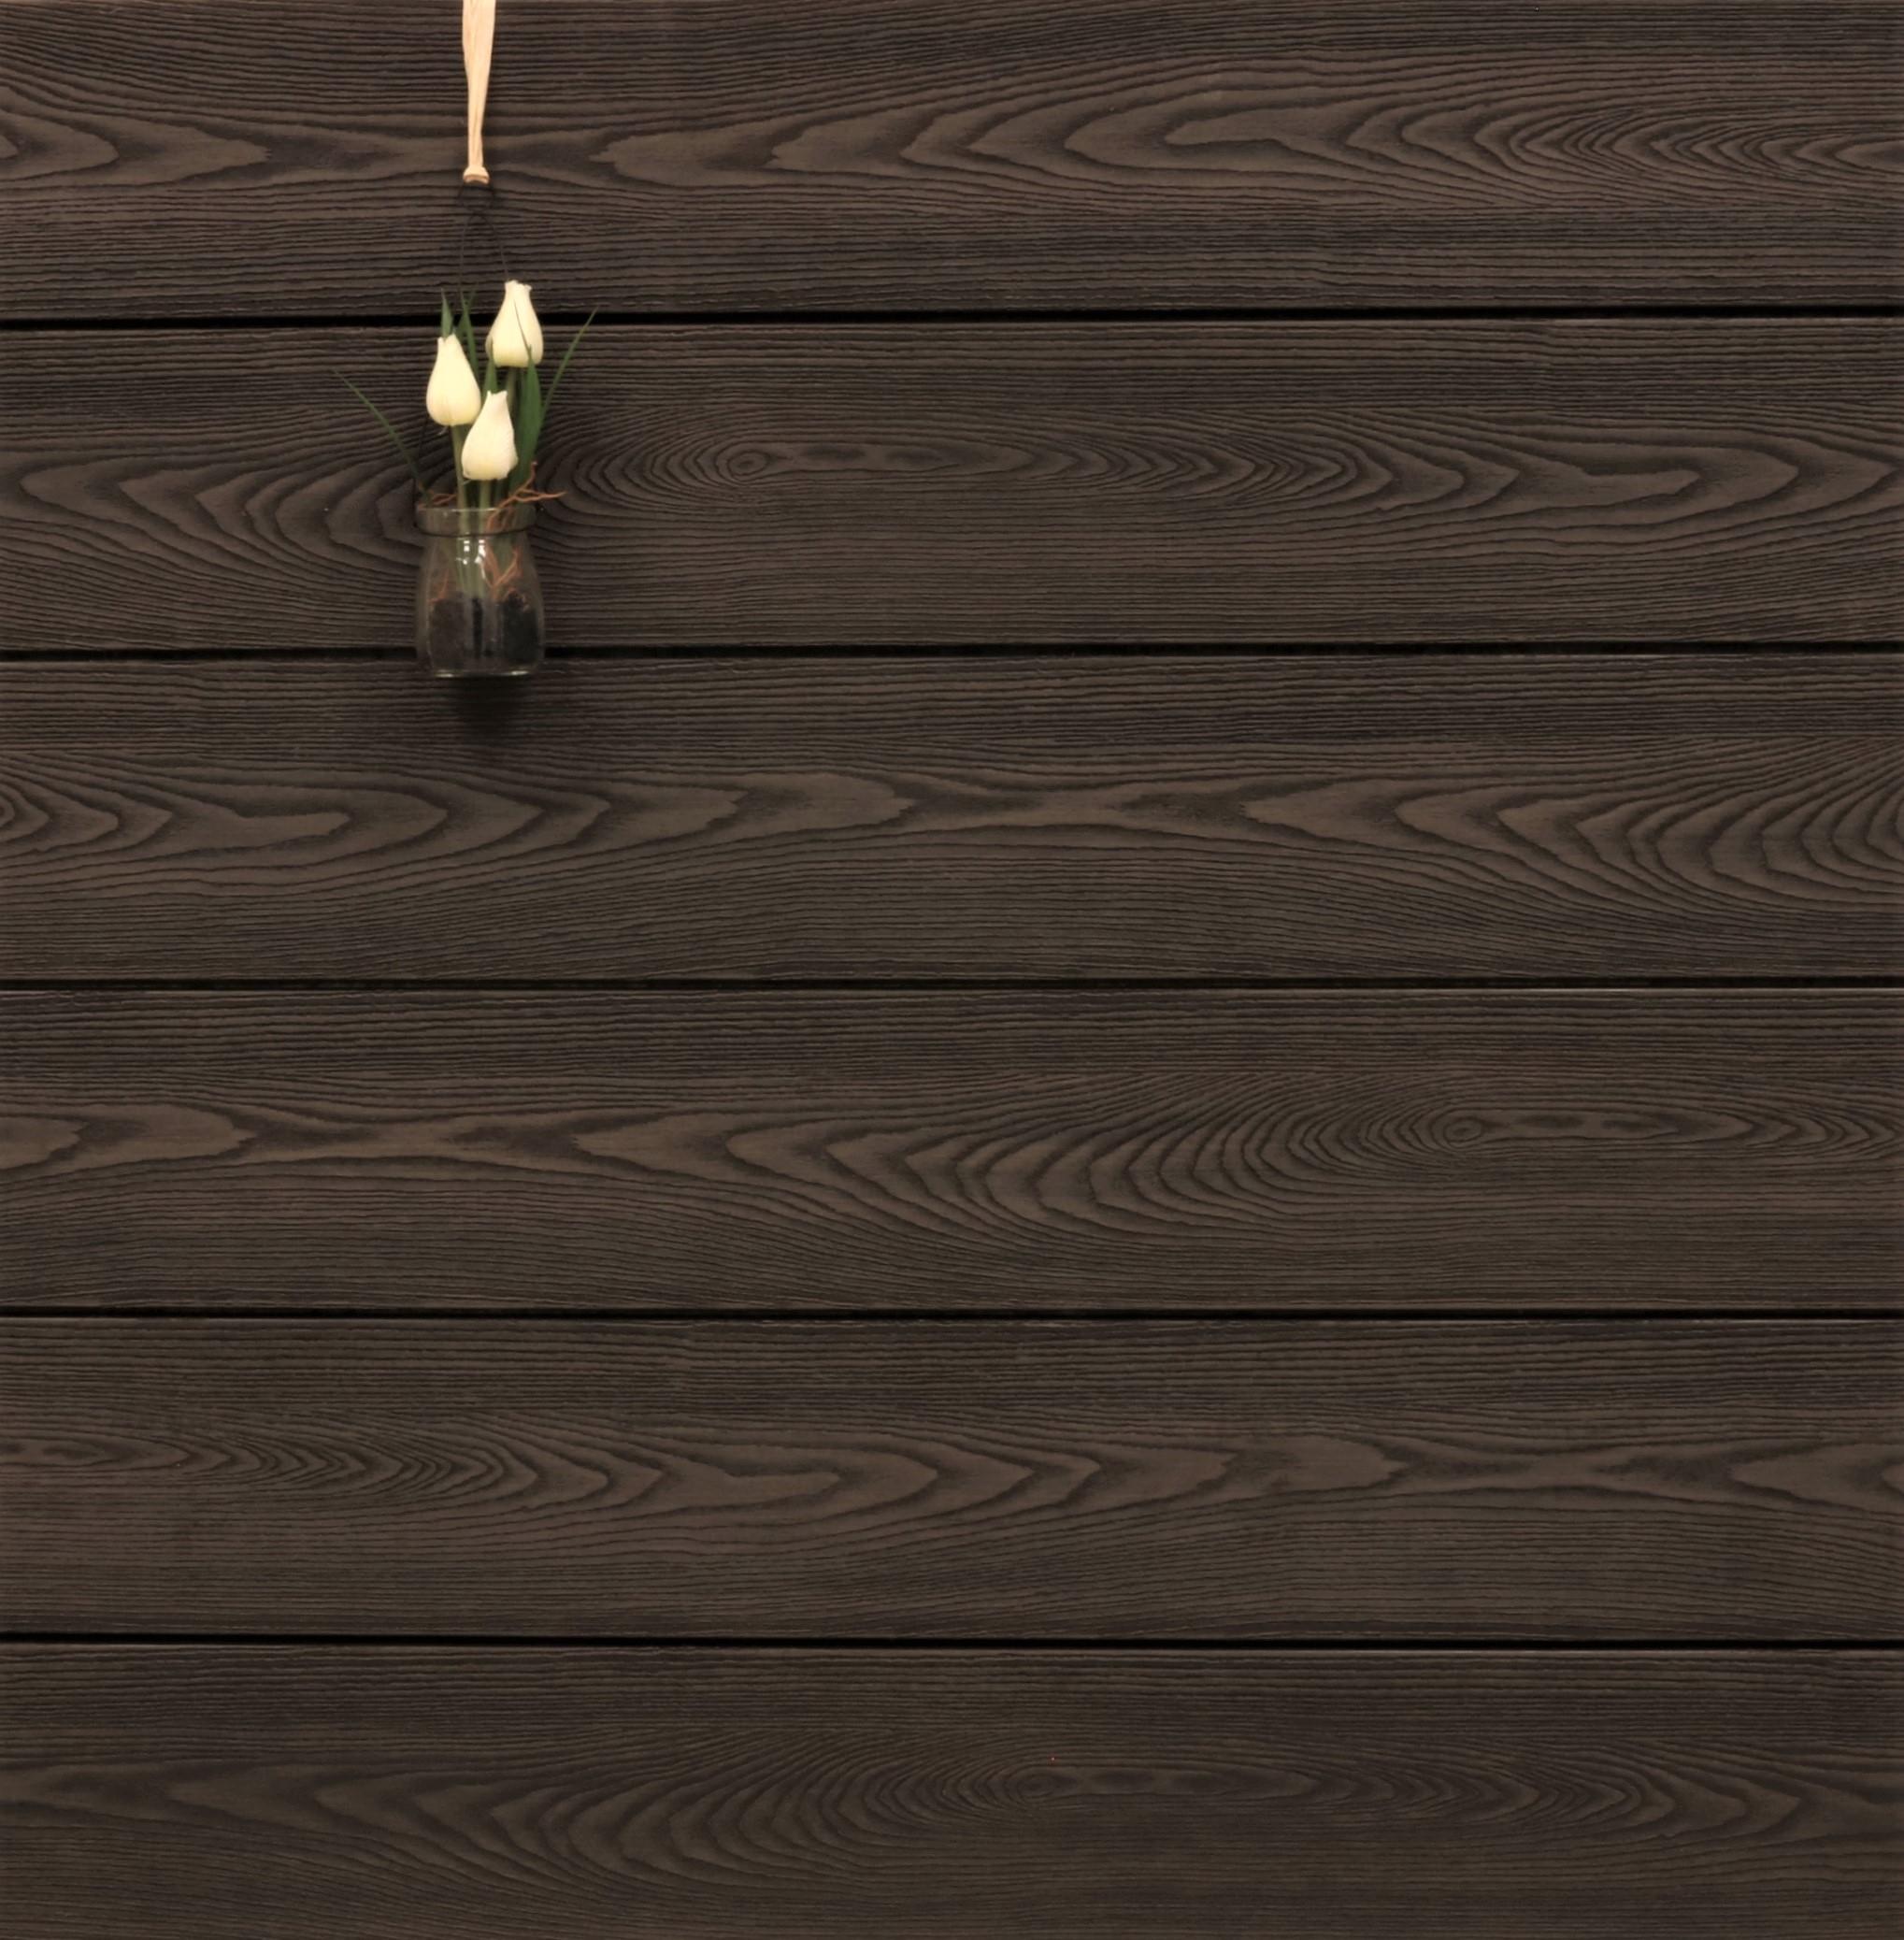 WPC Terrassendielen massiv, bicolor im Farbton Thermoesche, Struktur in Holzoptik, 22 x 143 bis 4800 mm, Vollprofil für 10,90 €/lfm